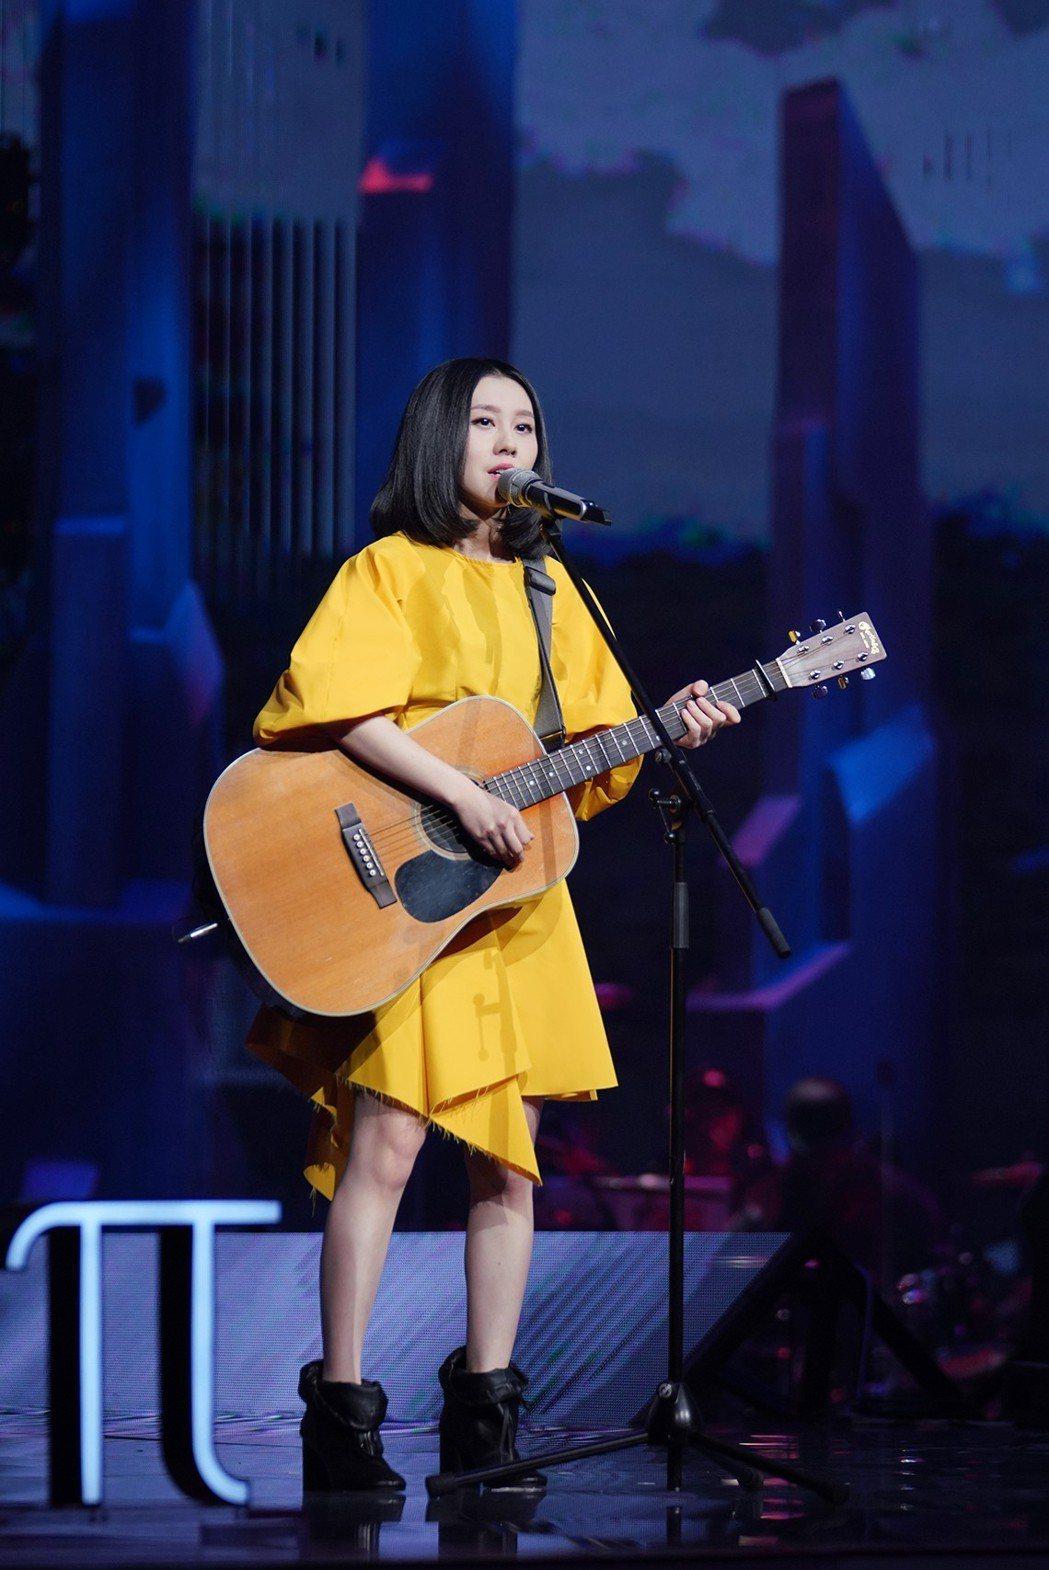 白安參與的「我是唱作人」正式播出。圖/相信提供